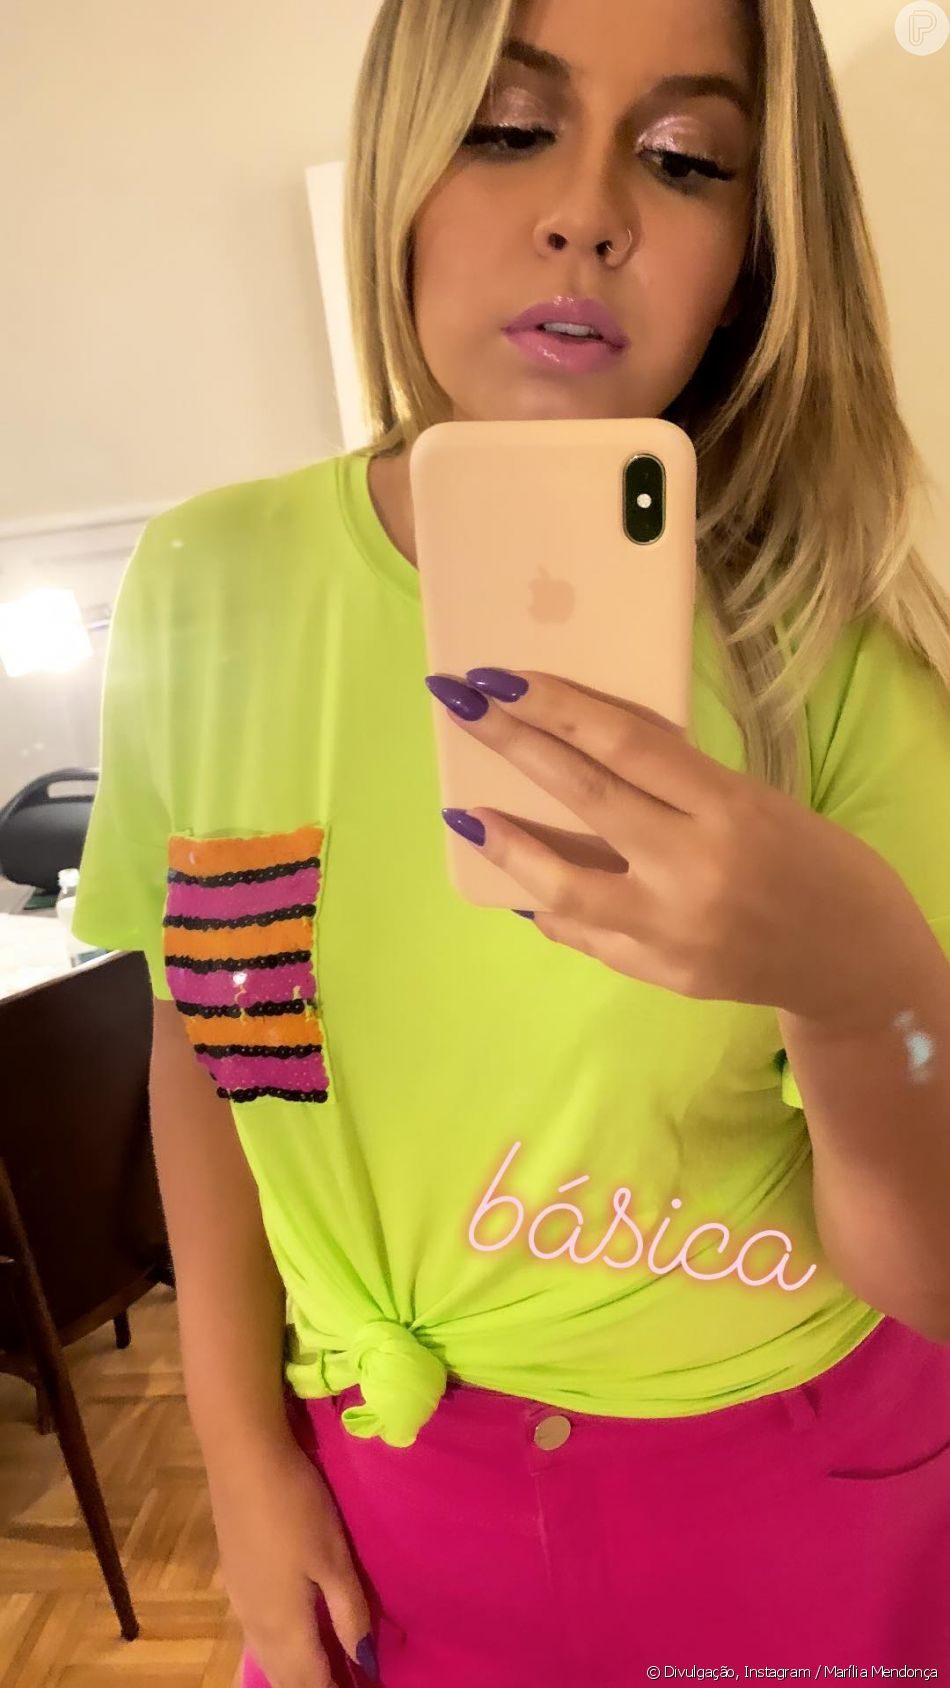 Marília Mendonça usou t-shirt neon e calça pink em foto publicada no Instagram nesta quinta-feira, 6 de dezembro de 2018